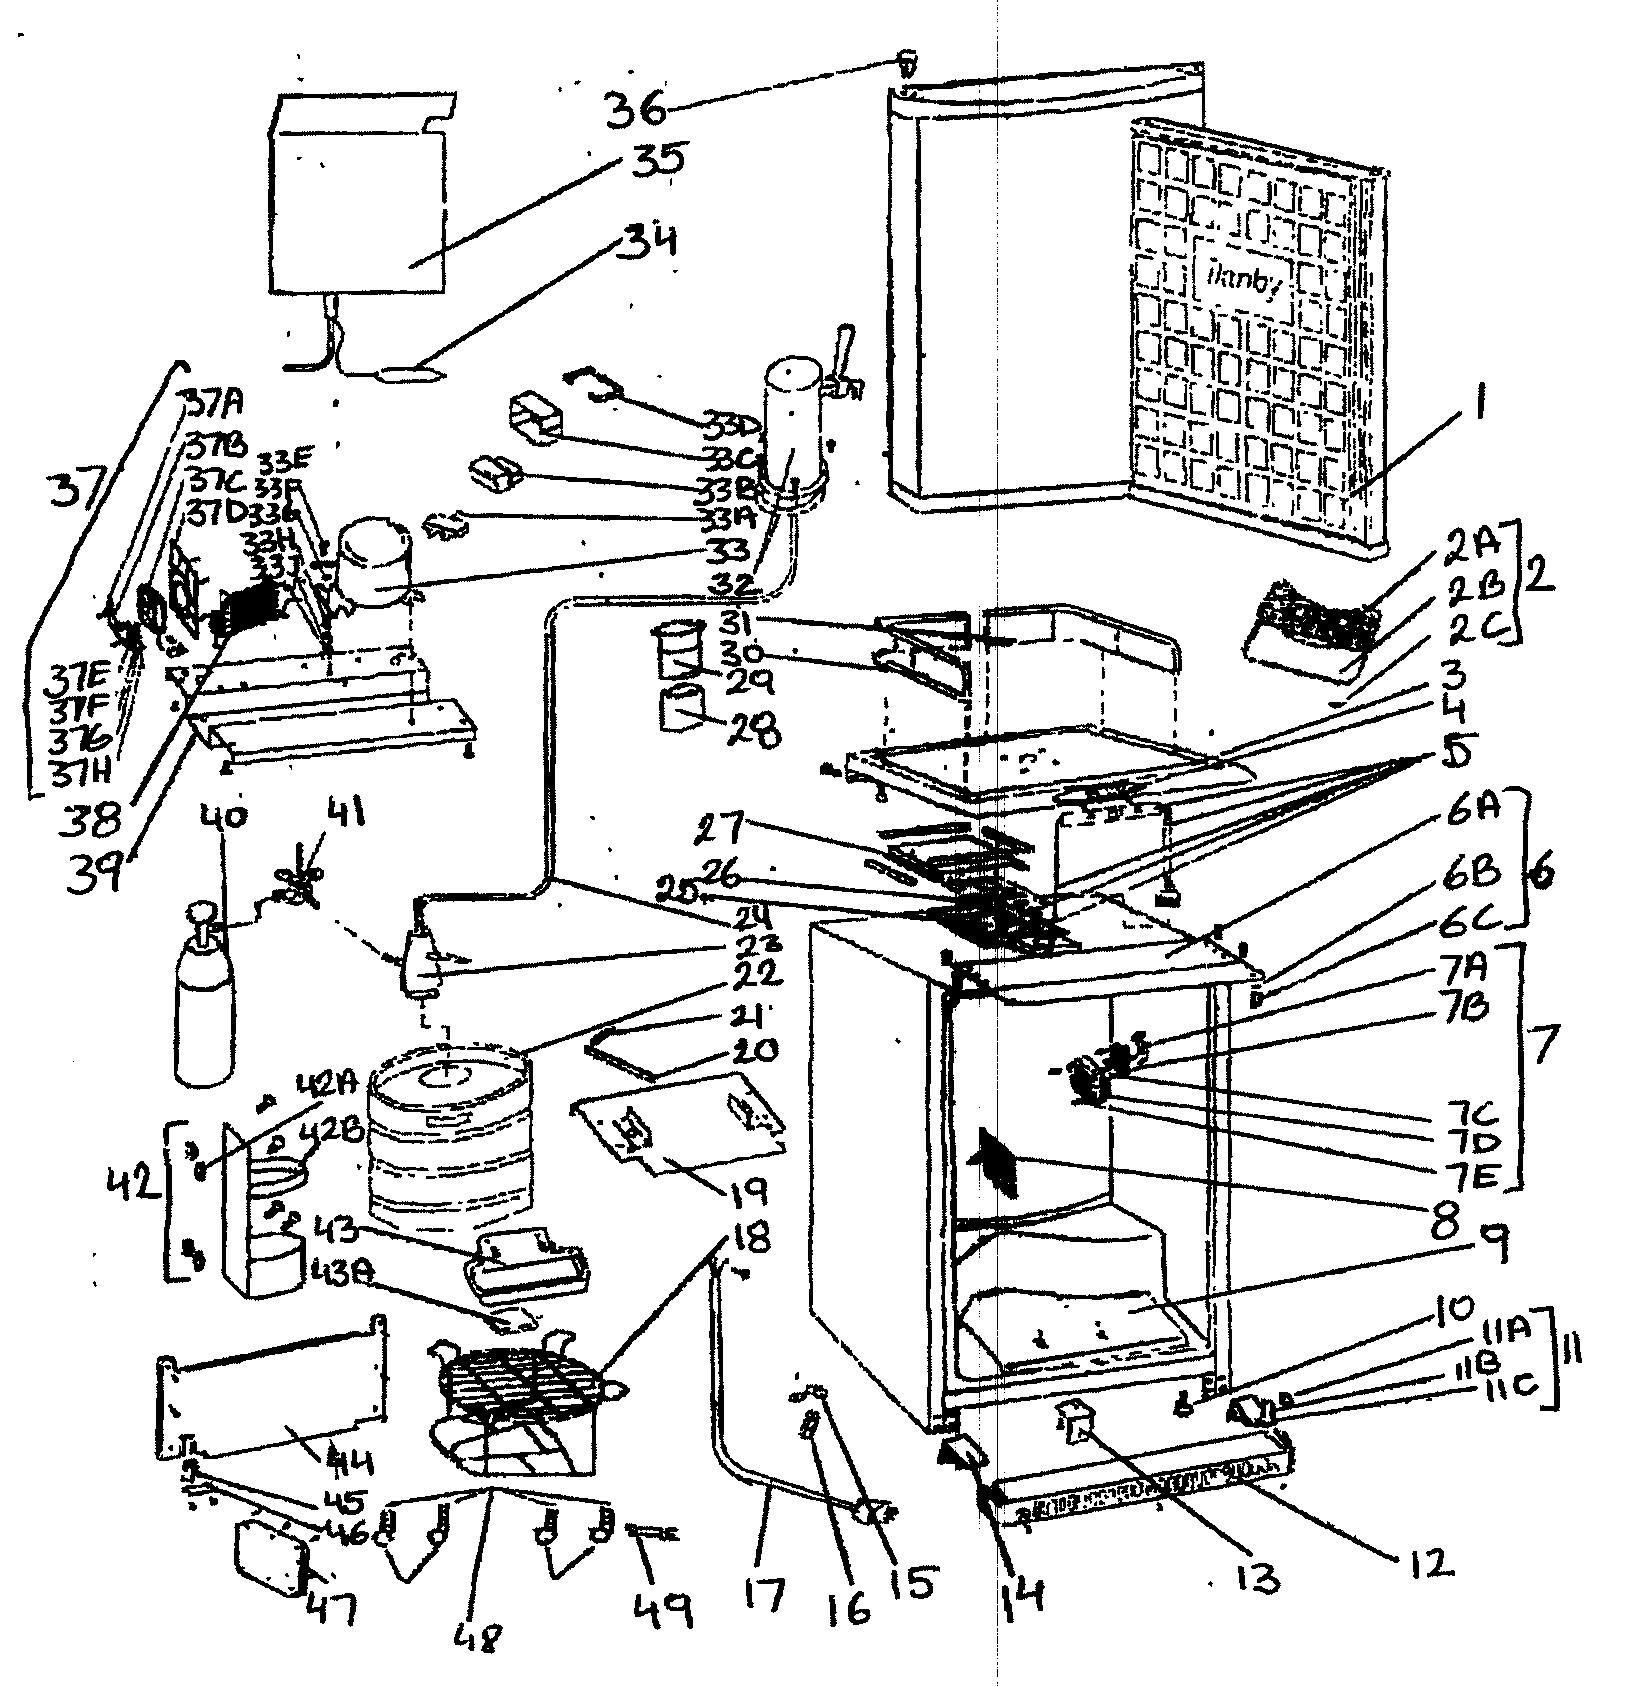 Danby Kegerator Parts Diagram Looking for Danby Model Dkc645bls Wine & Beverage Cooler Repair Of Danby Kegerator Parts Diagram